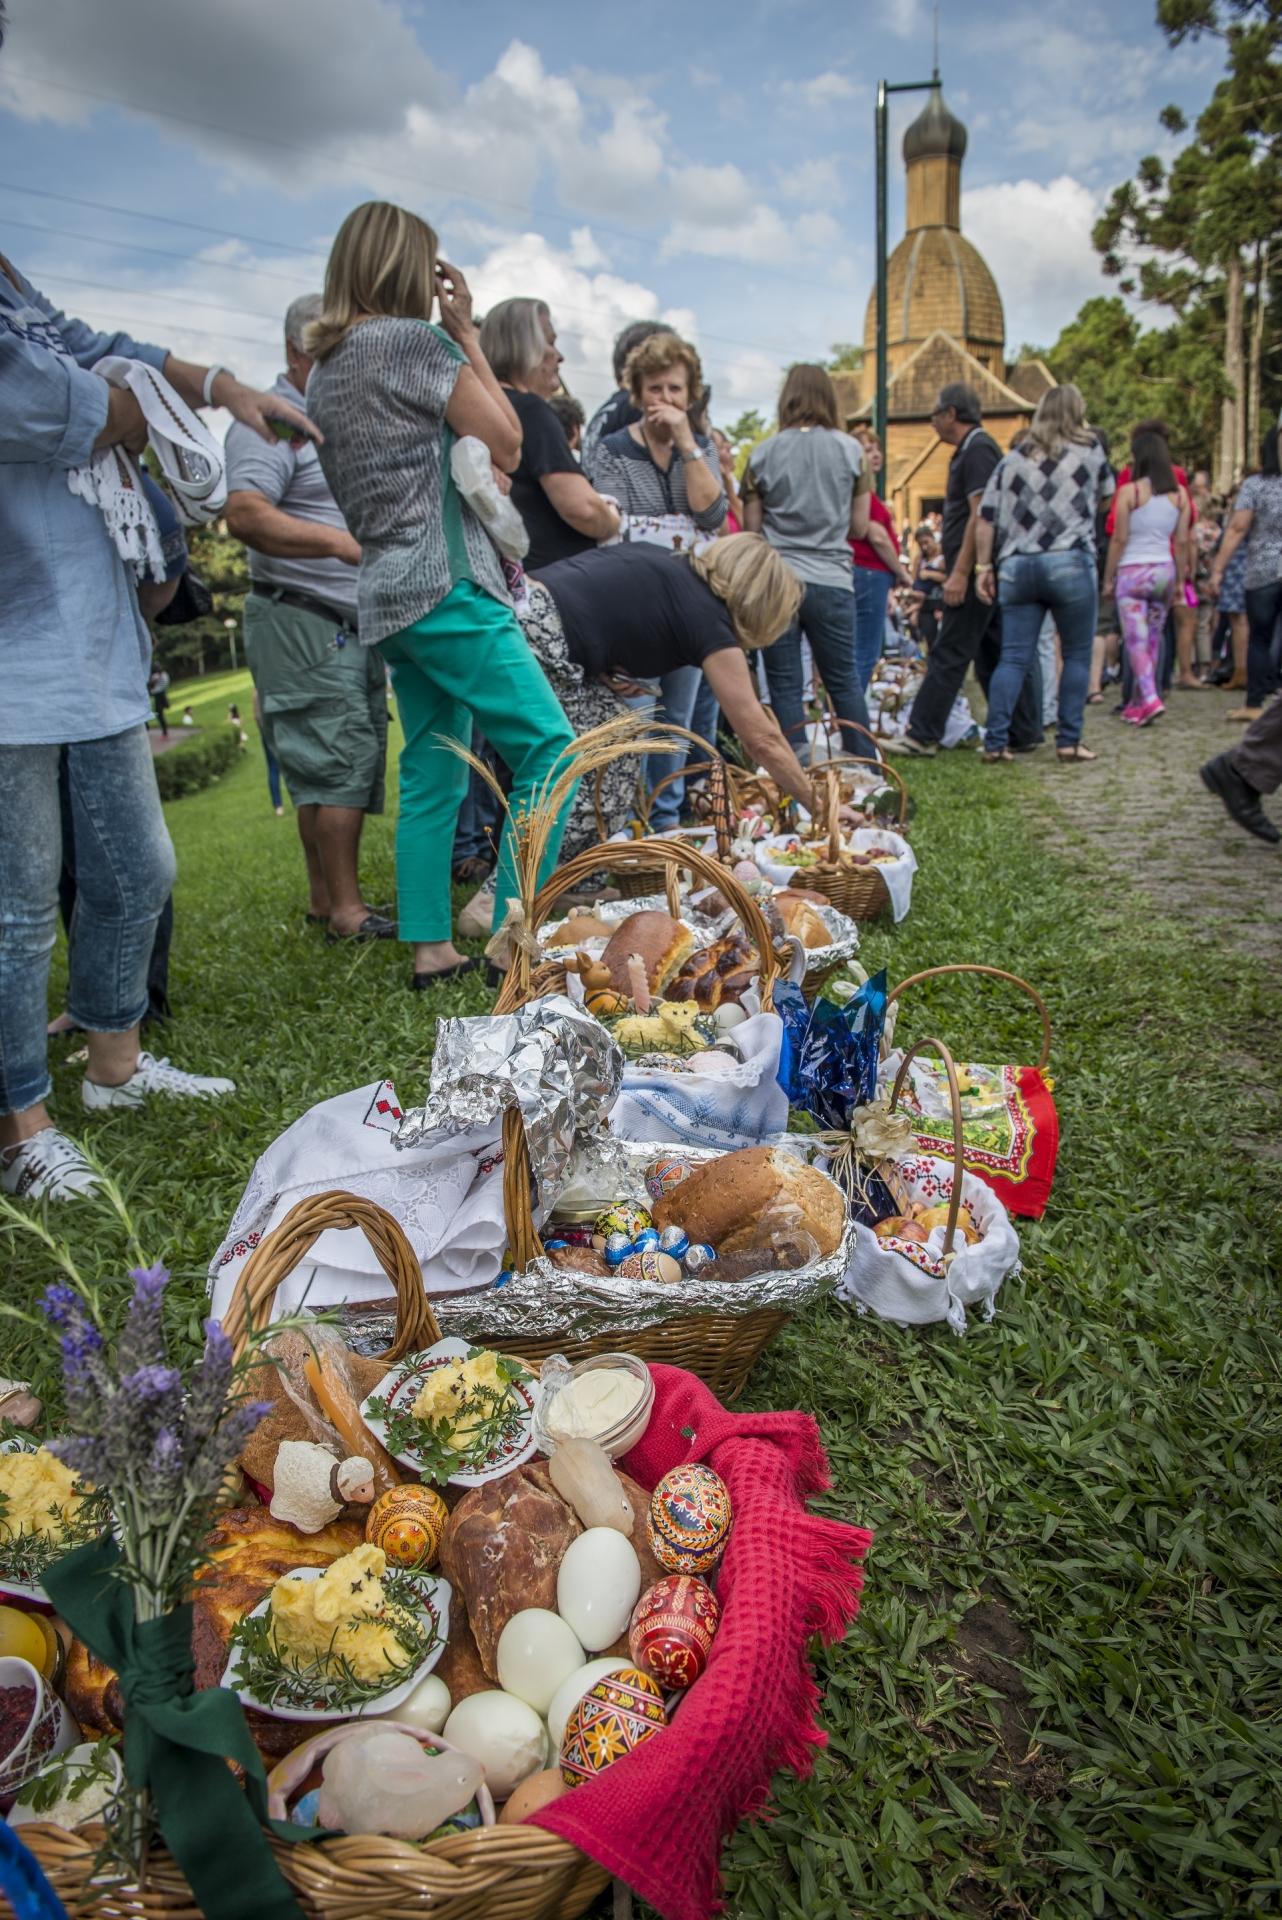 Ucranianos esperam a benção das cestas no Memorial Ucraniano (Foto: Letícia Akemi / Gazeta do Povo)